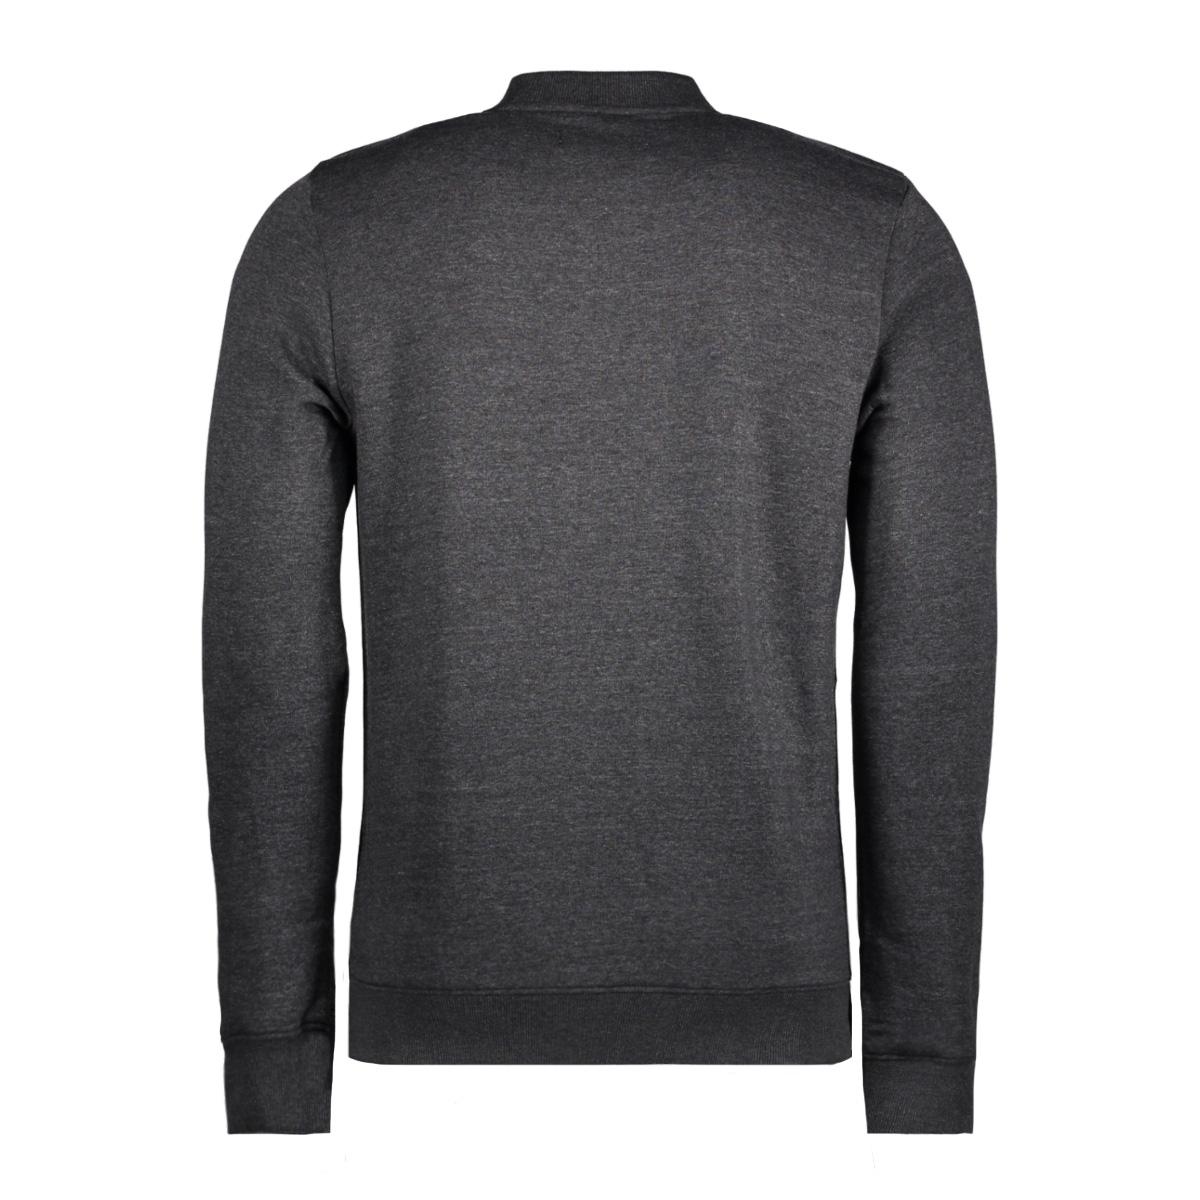 2555163.09.12 tom tailor vest 2999